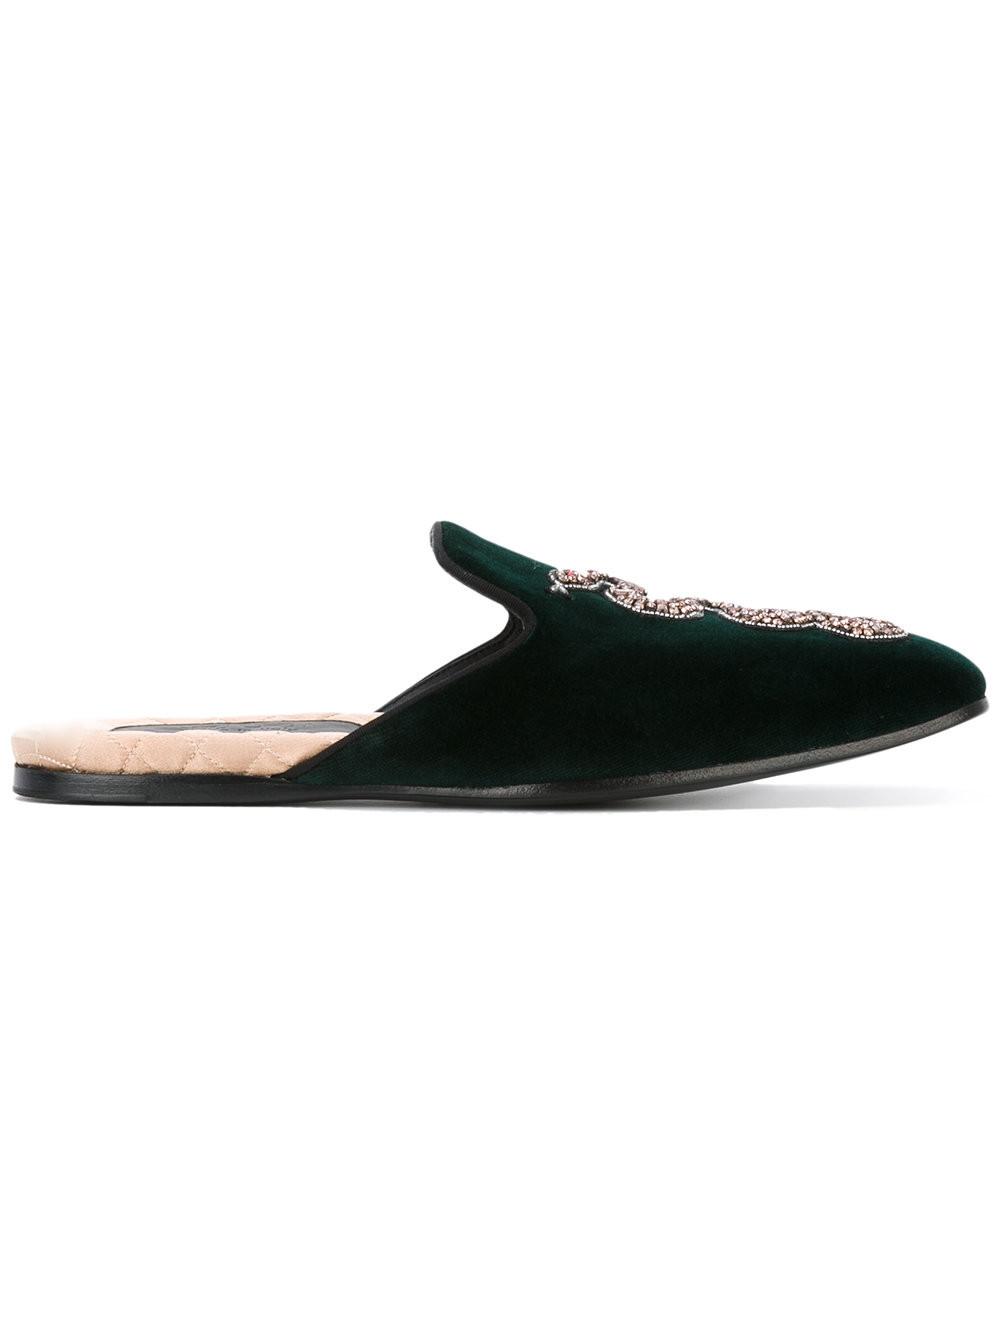 6a57163bf Gucci Velvet Evening Slippers W/ Beaded Snake In Green | ModeSens